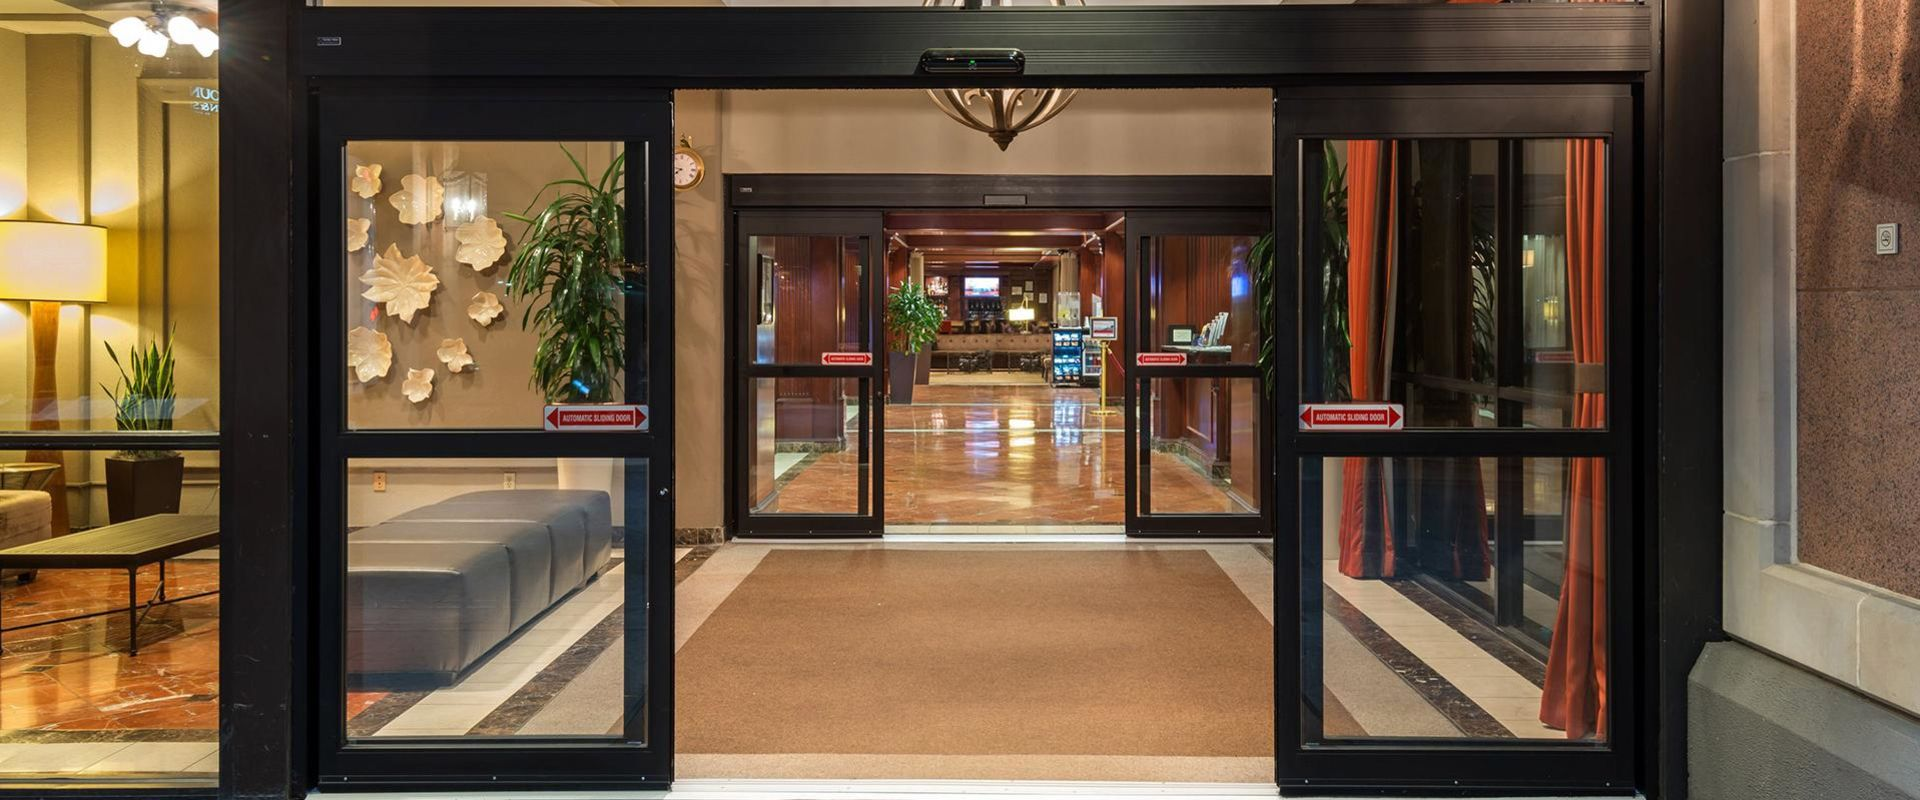 Atlanta Airport Hotel Entrance To Lobby